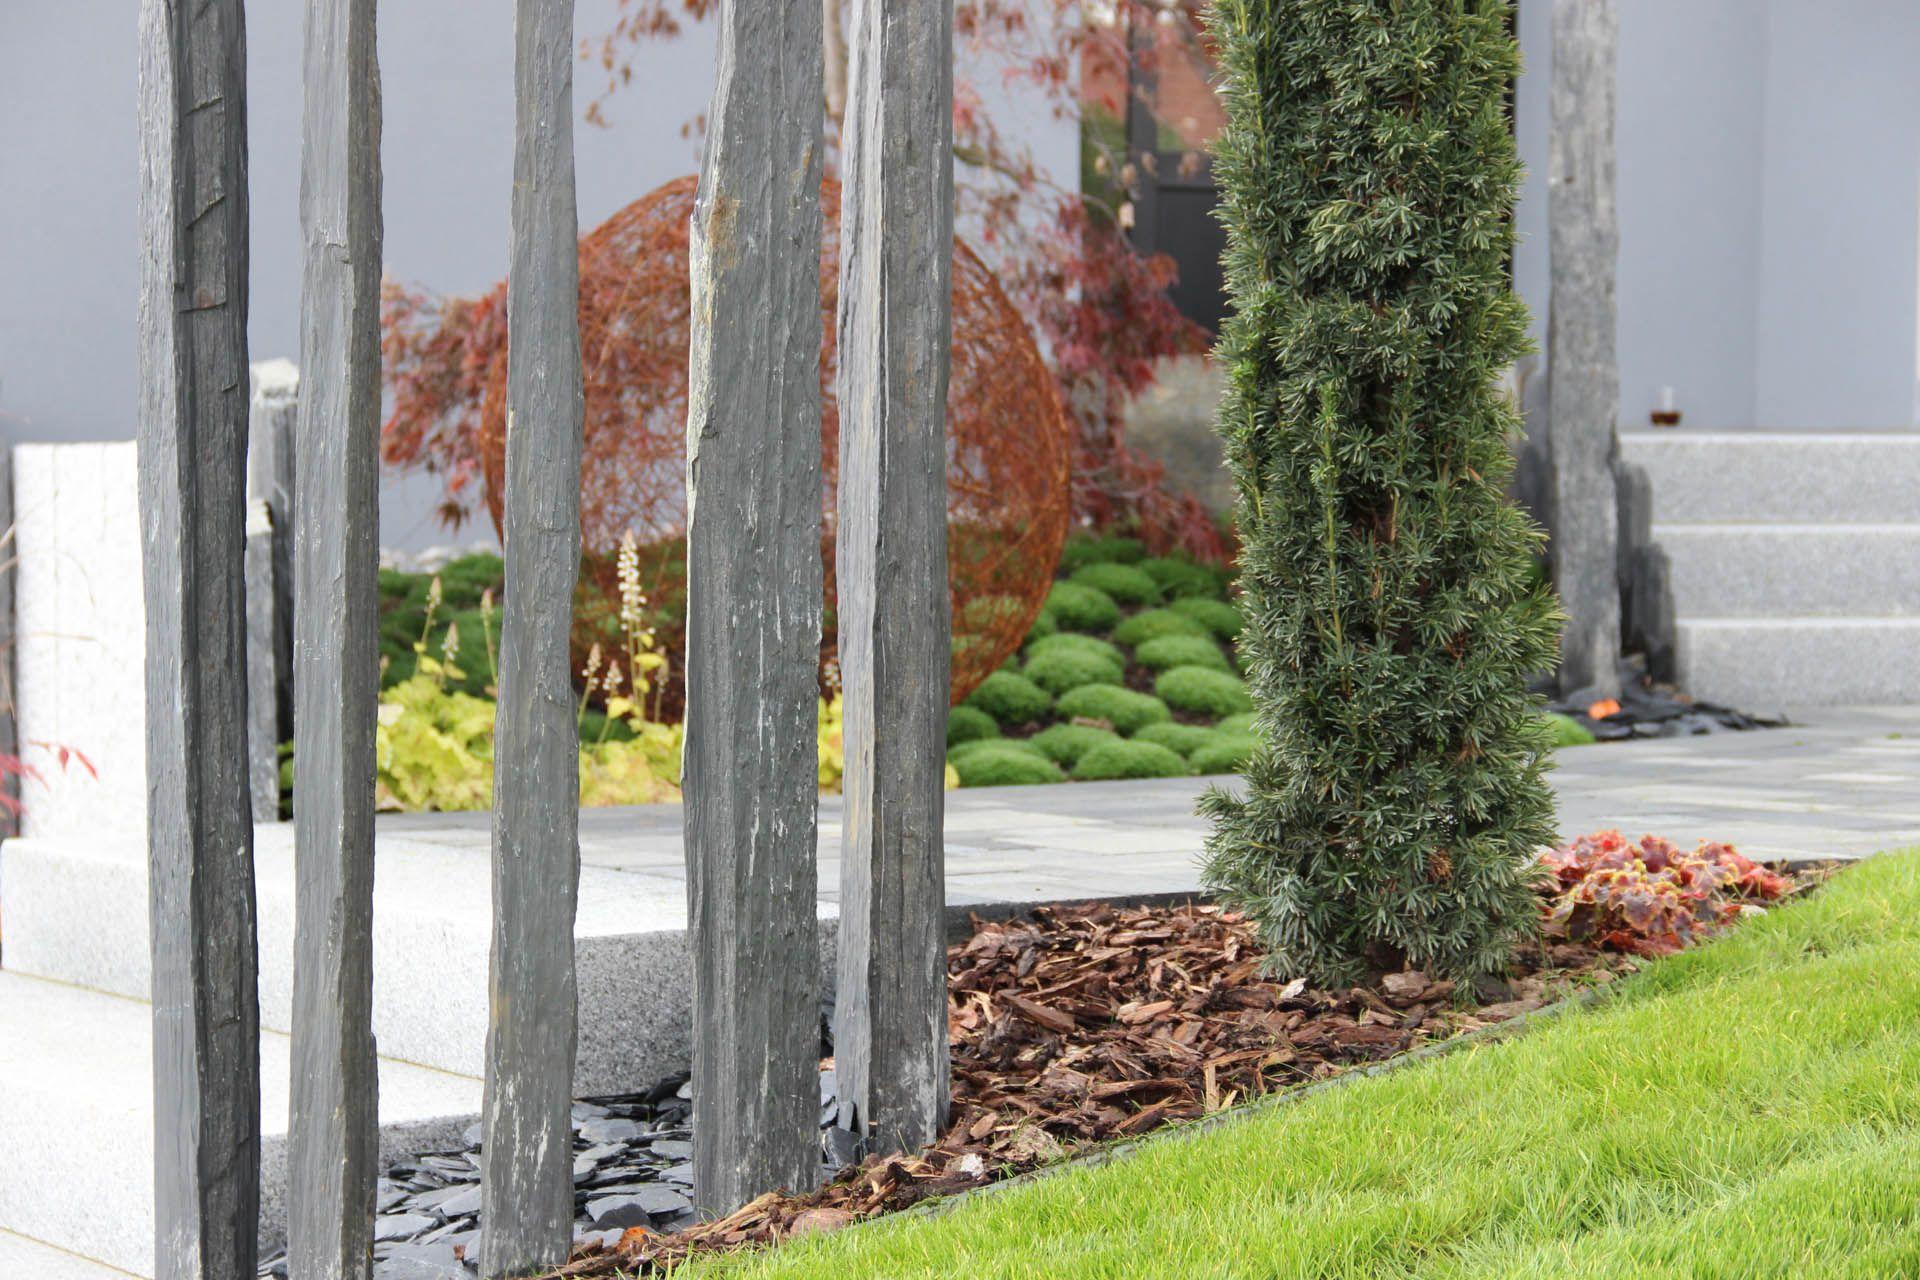 66120392bc5f0c45dbd049519136a683 Meilleur De De Boule Deco Jardin Des Idées